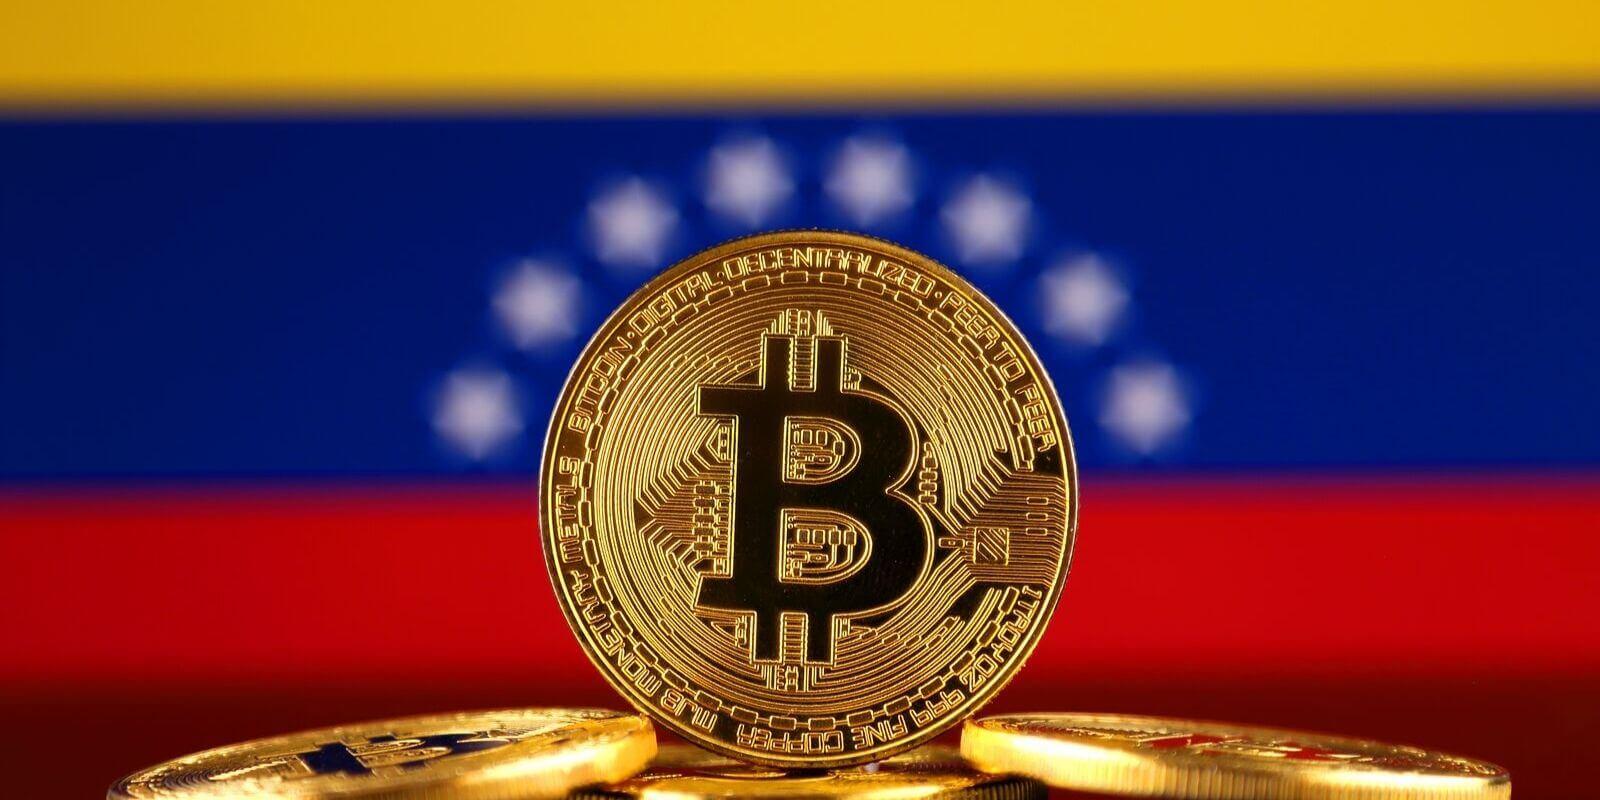 Venezuela : du Bitcoin et de l'Ethereum bientôt dans les réserves de la banque centrale ?